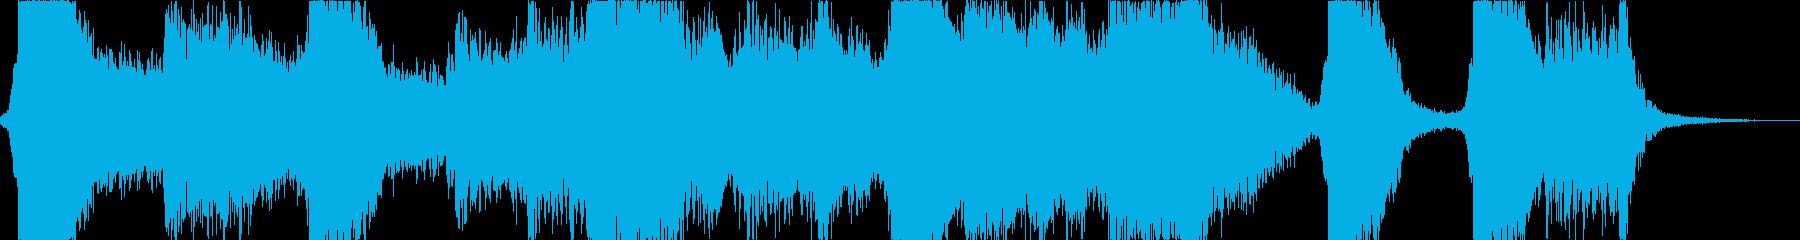 Commercial openerの再生済みの波形